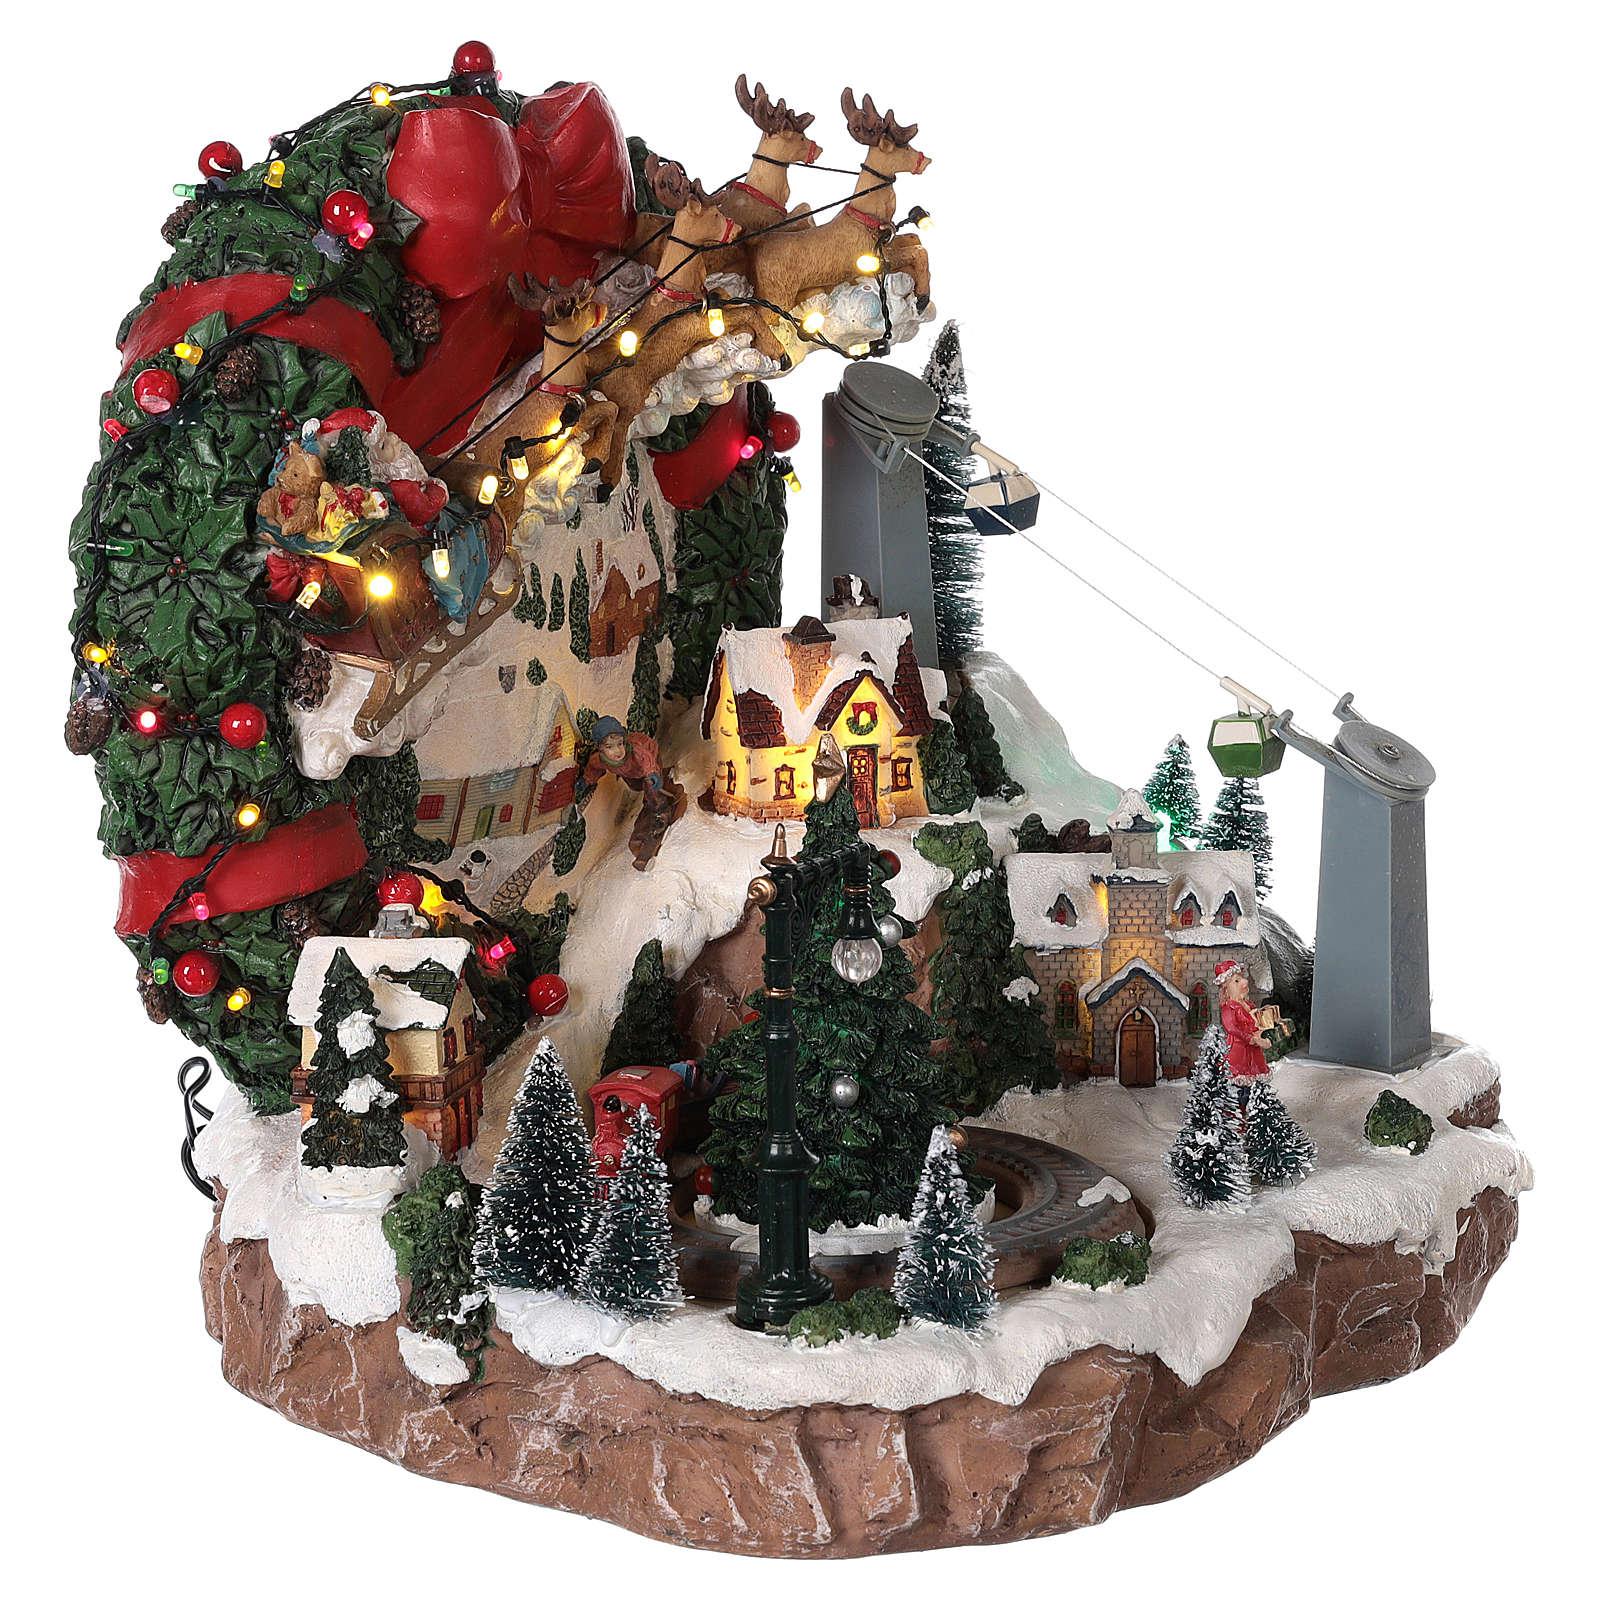 Pueblo de Navidad trineo reno teleférico movimiento luces música 30x30x30 cm 3